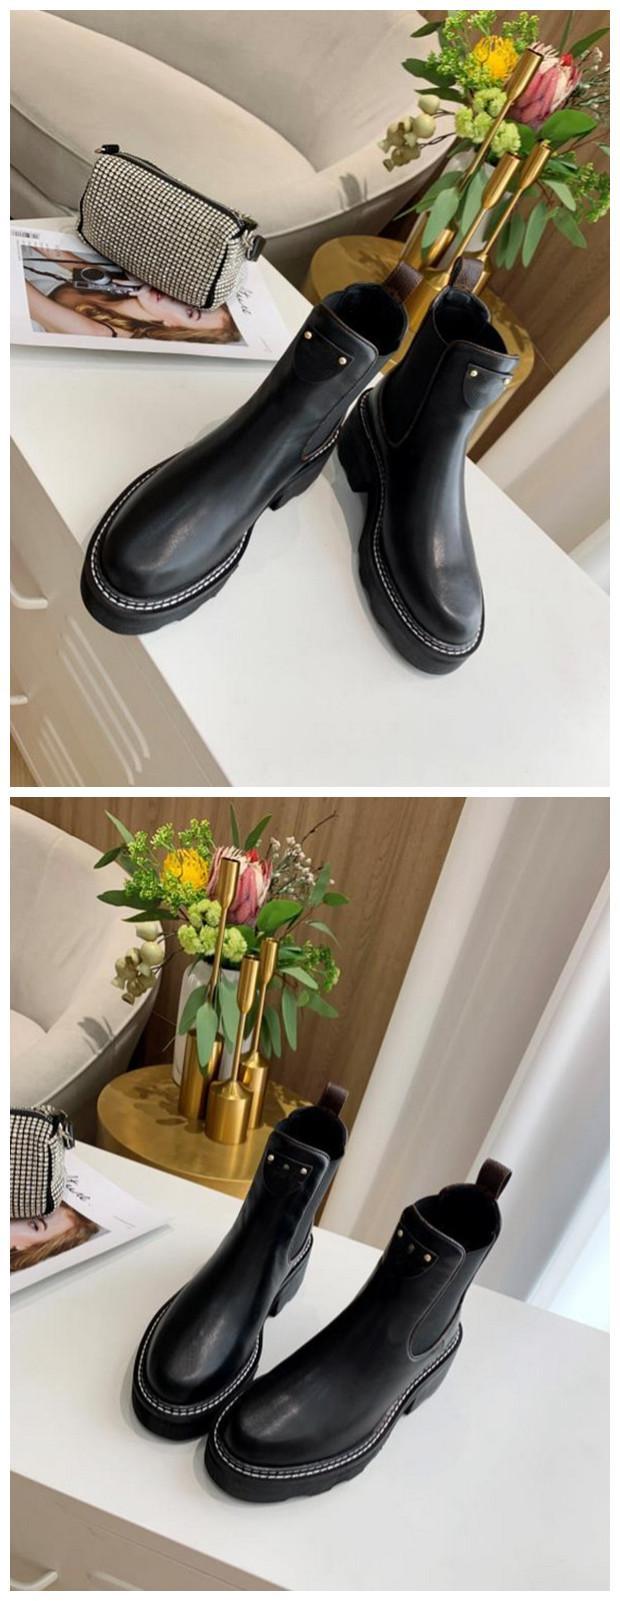 caja original BEAUBOURG tobillo botas de zapatos de las mujeres botas de invierno muchachas de las señoras de seda de la piel de vacuno de alta Top para mujer plana del cargador del tobillo